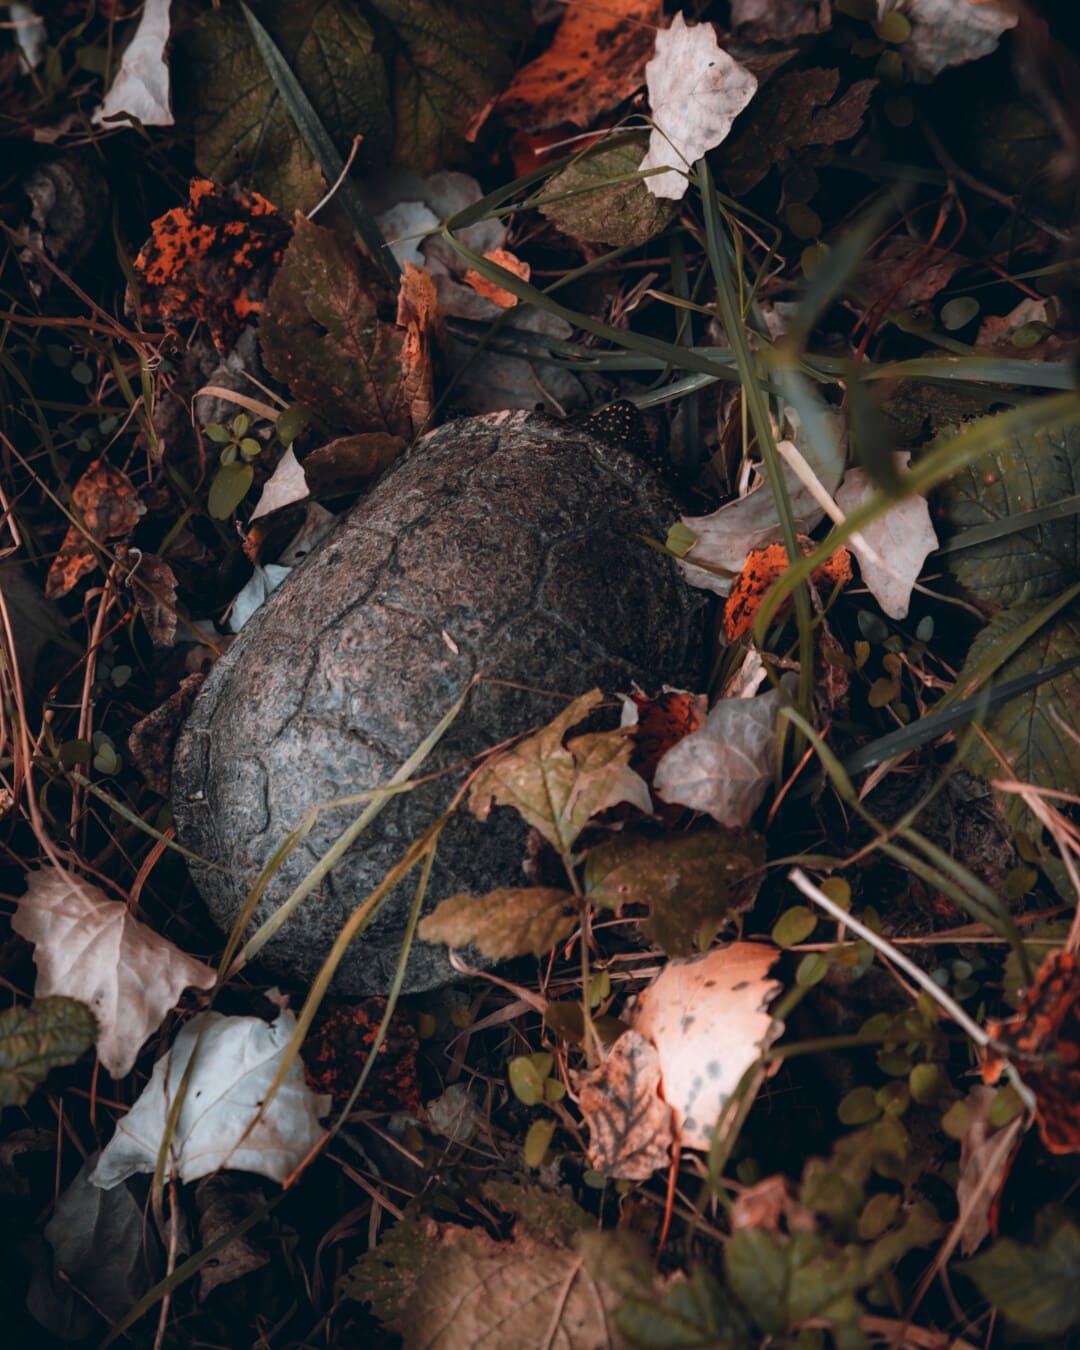 Herbstsaison, Wald, Schildkröte, Tier, Reptil, Blatt, Farbe, Blätter, Herbst, Tiere